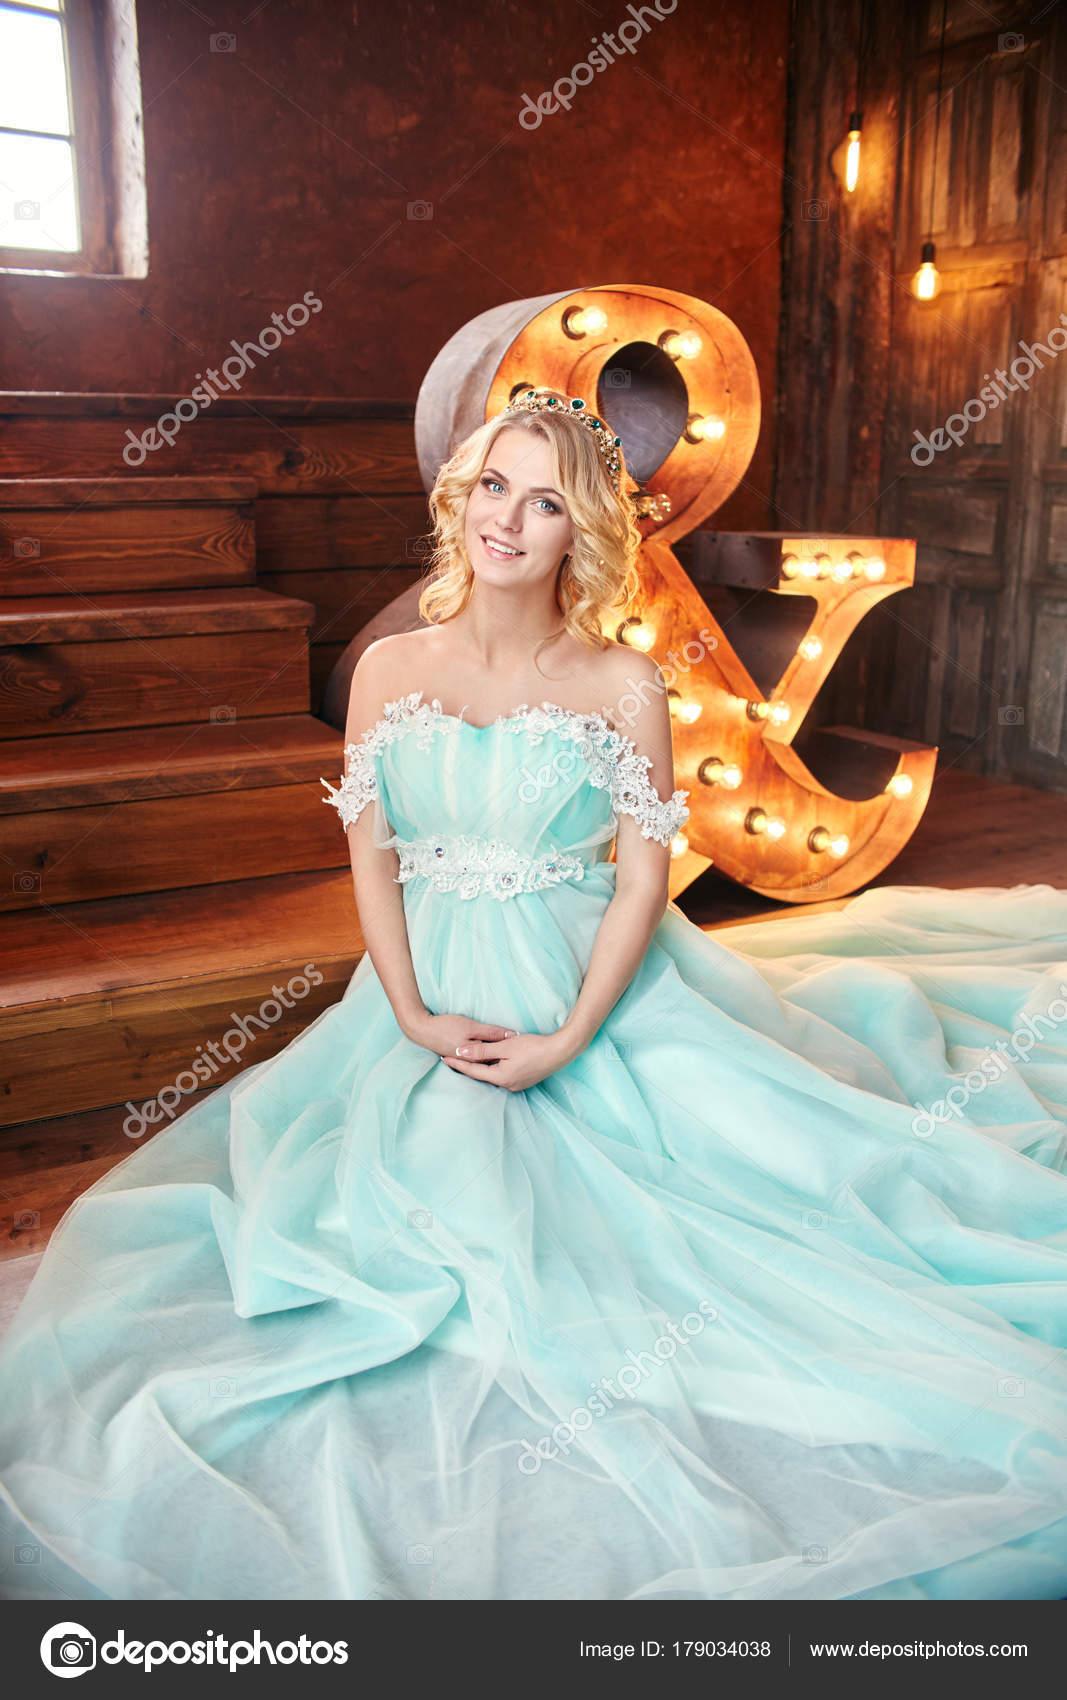 Πολυτελή μόδα έγκυος ξανθιά γυναίκα σε ένα γαμήλιο φόρεμα. Έγκυος γυναίκα  γάμος. Το κορίτσι περιμένει τη γέννηση ενός παιδιού. Κομψό φόρεμα ακριβά  γαλάζιο ... 03d797ceabd